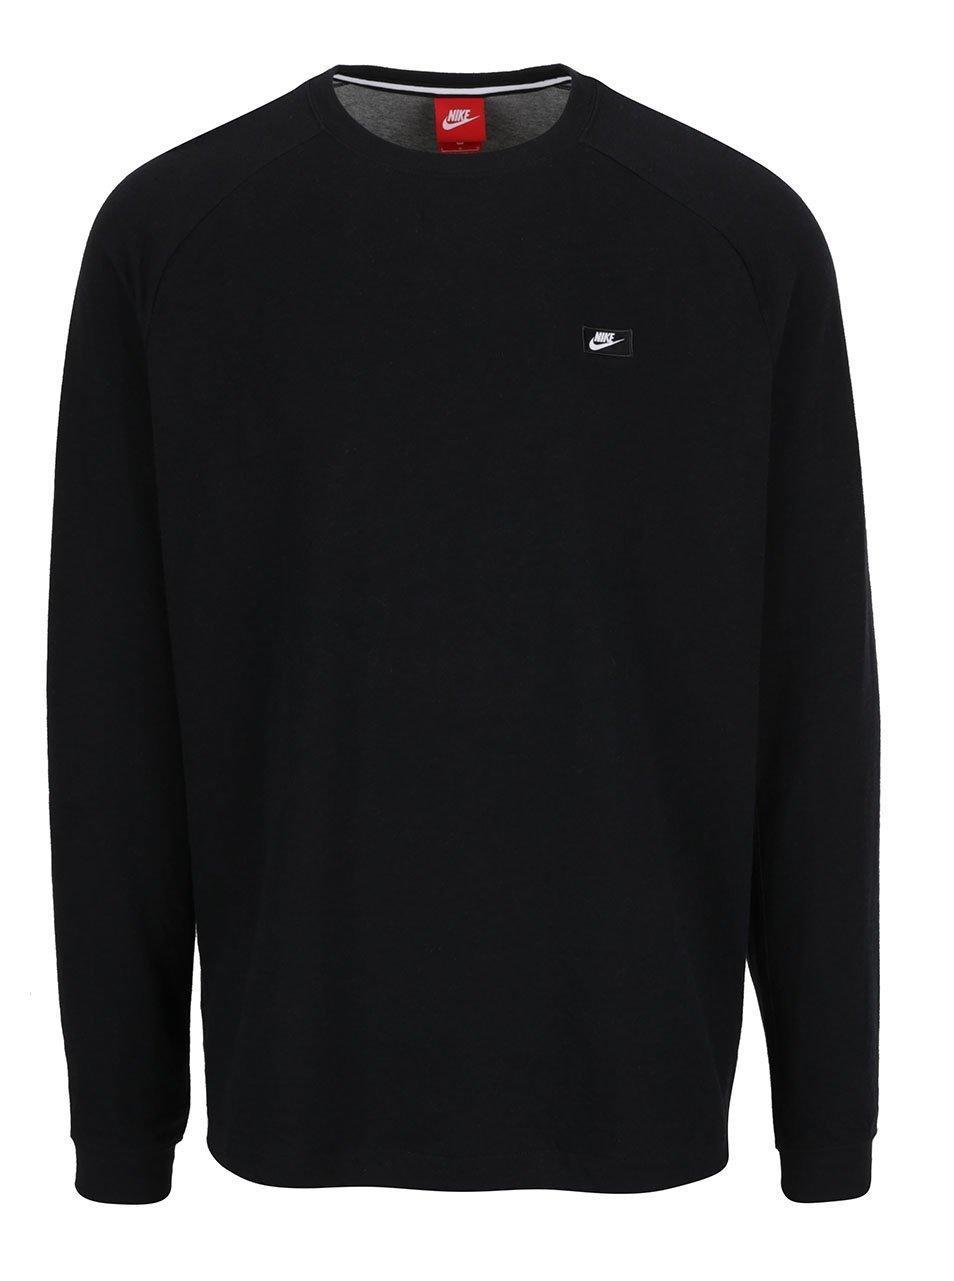 Černá pánská mikina se zipem na levém boku Nike Modern